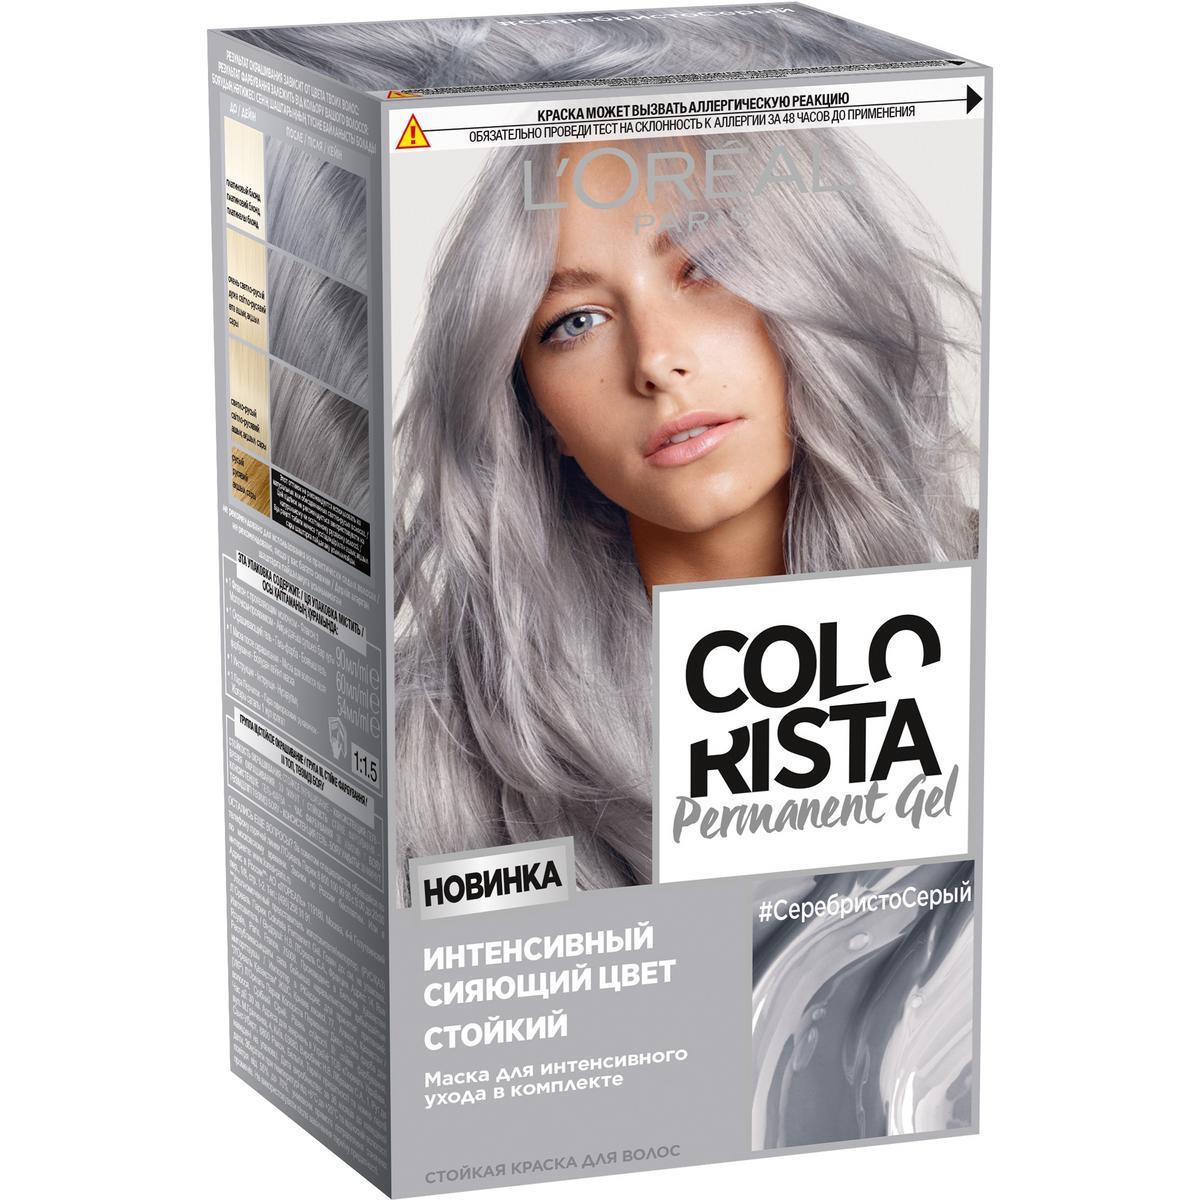 L'Oreal Paris Стойкая краска для волос Colorista Permanent Gel, оттенок Серебристо-Серый  #1